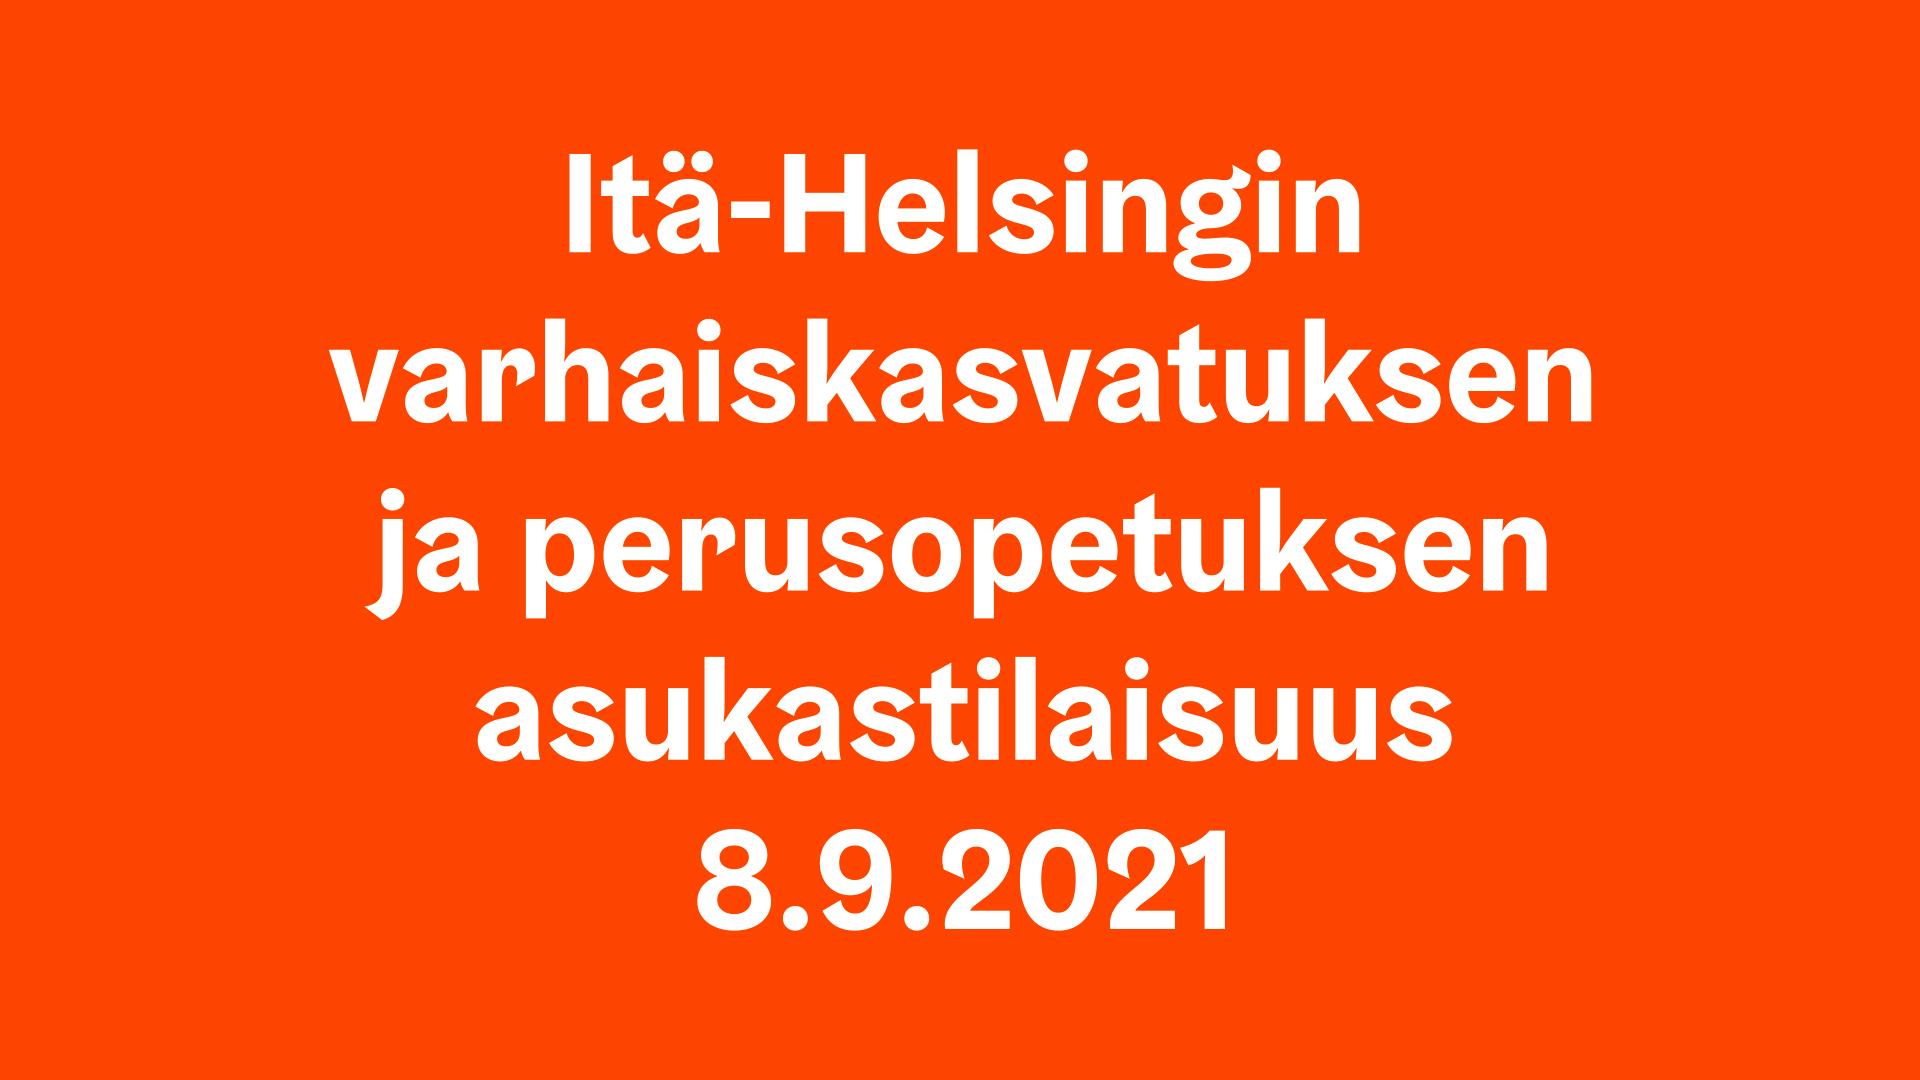 Itä-Helsingin varhaiskasvatuksen ja perusopetuksen asukastilaisuus 8.9.2021